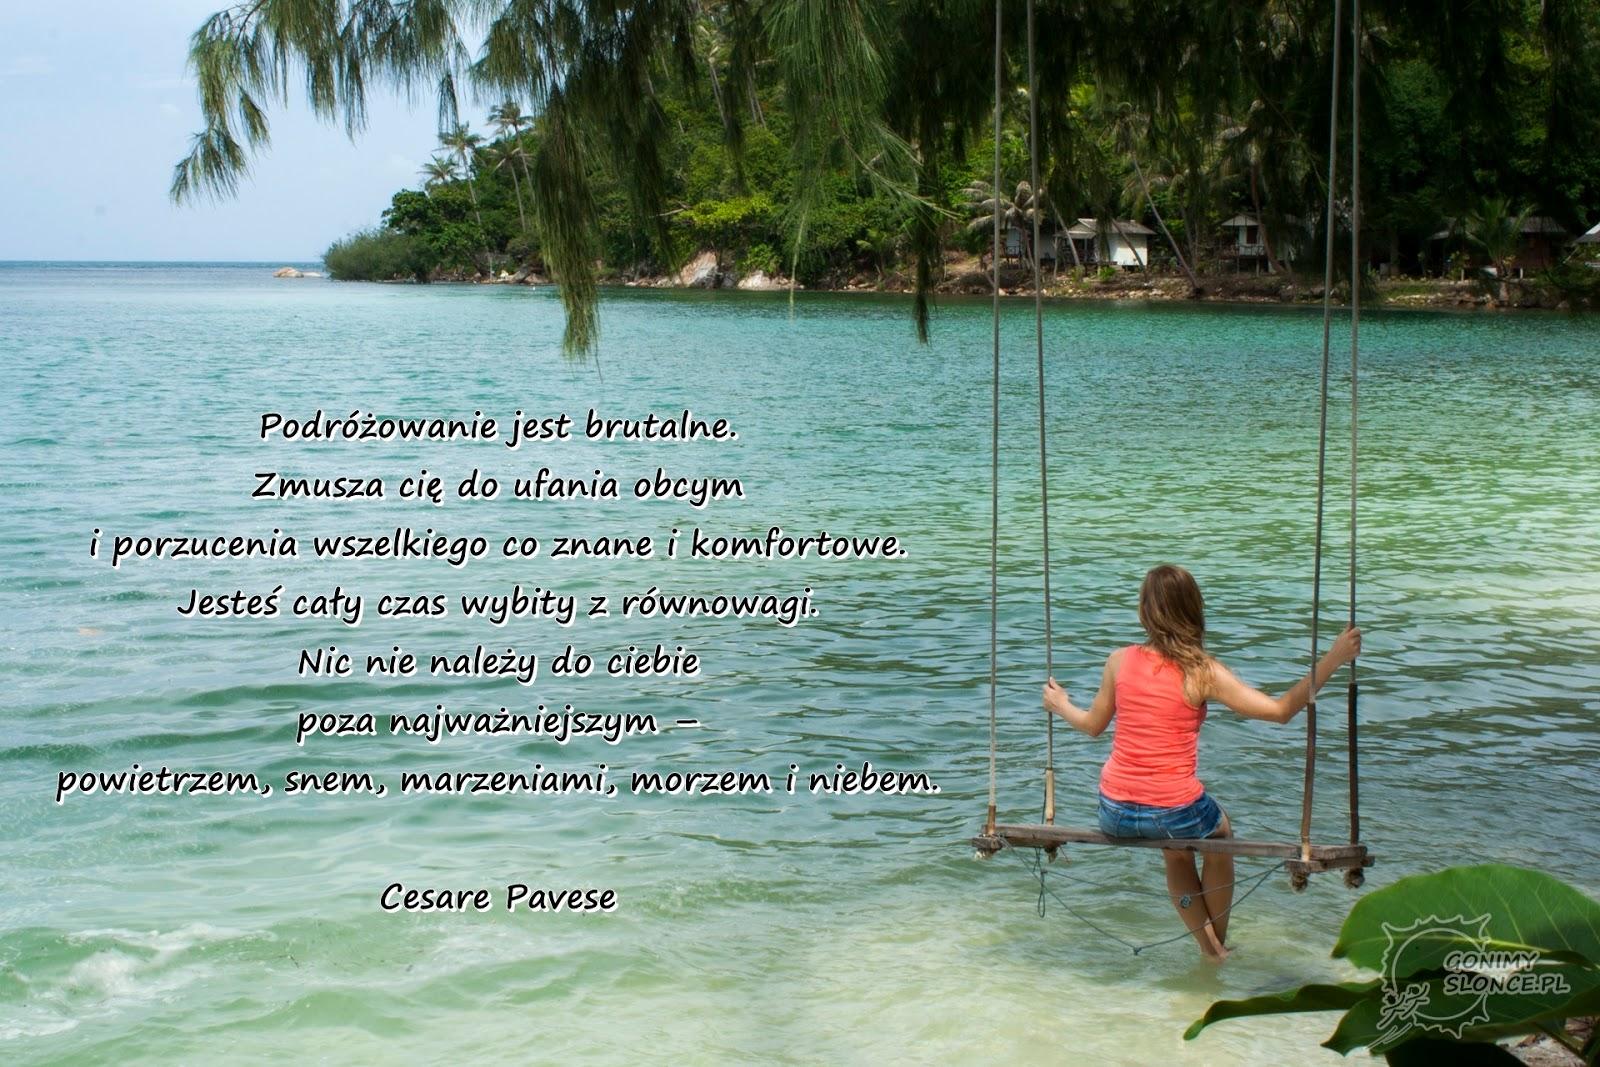 Podróżnicze cytaty | inspirujące zdania | rajska plaża | Tajlandia